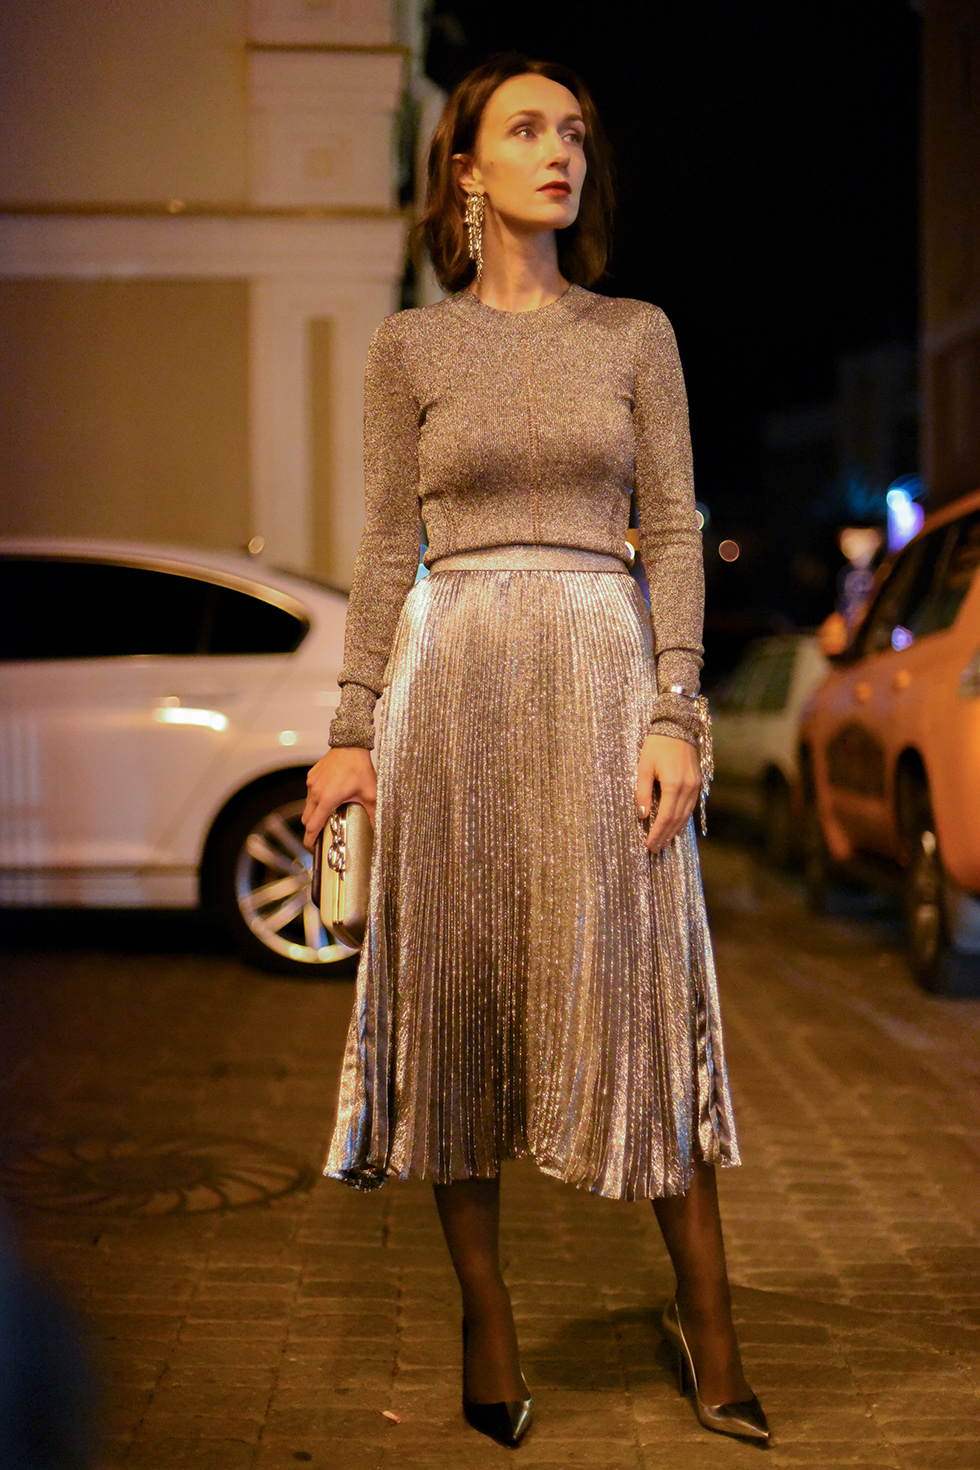 ivanova_julia_look_street_style_4